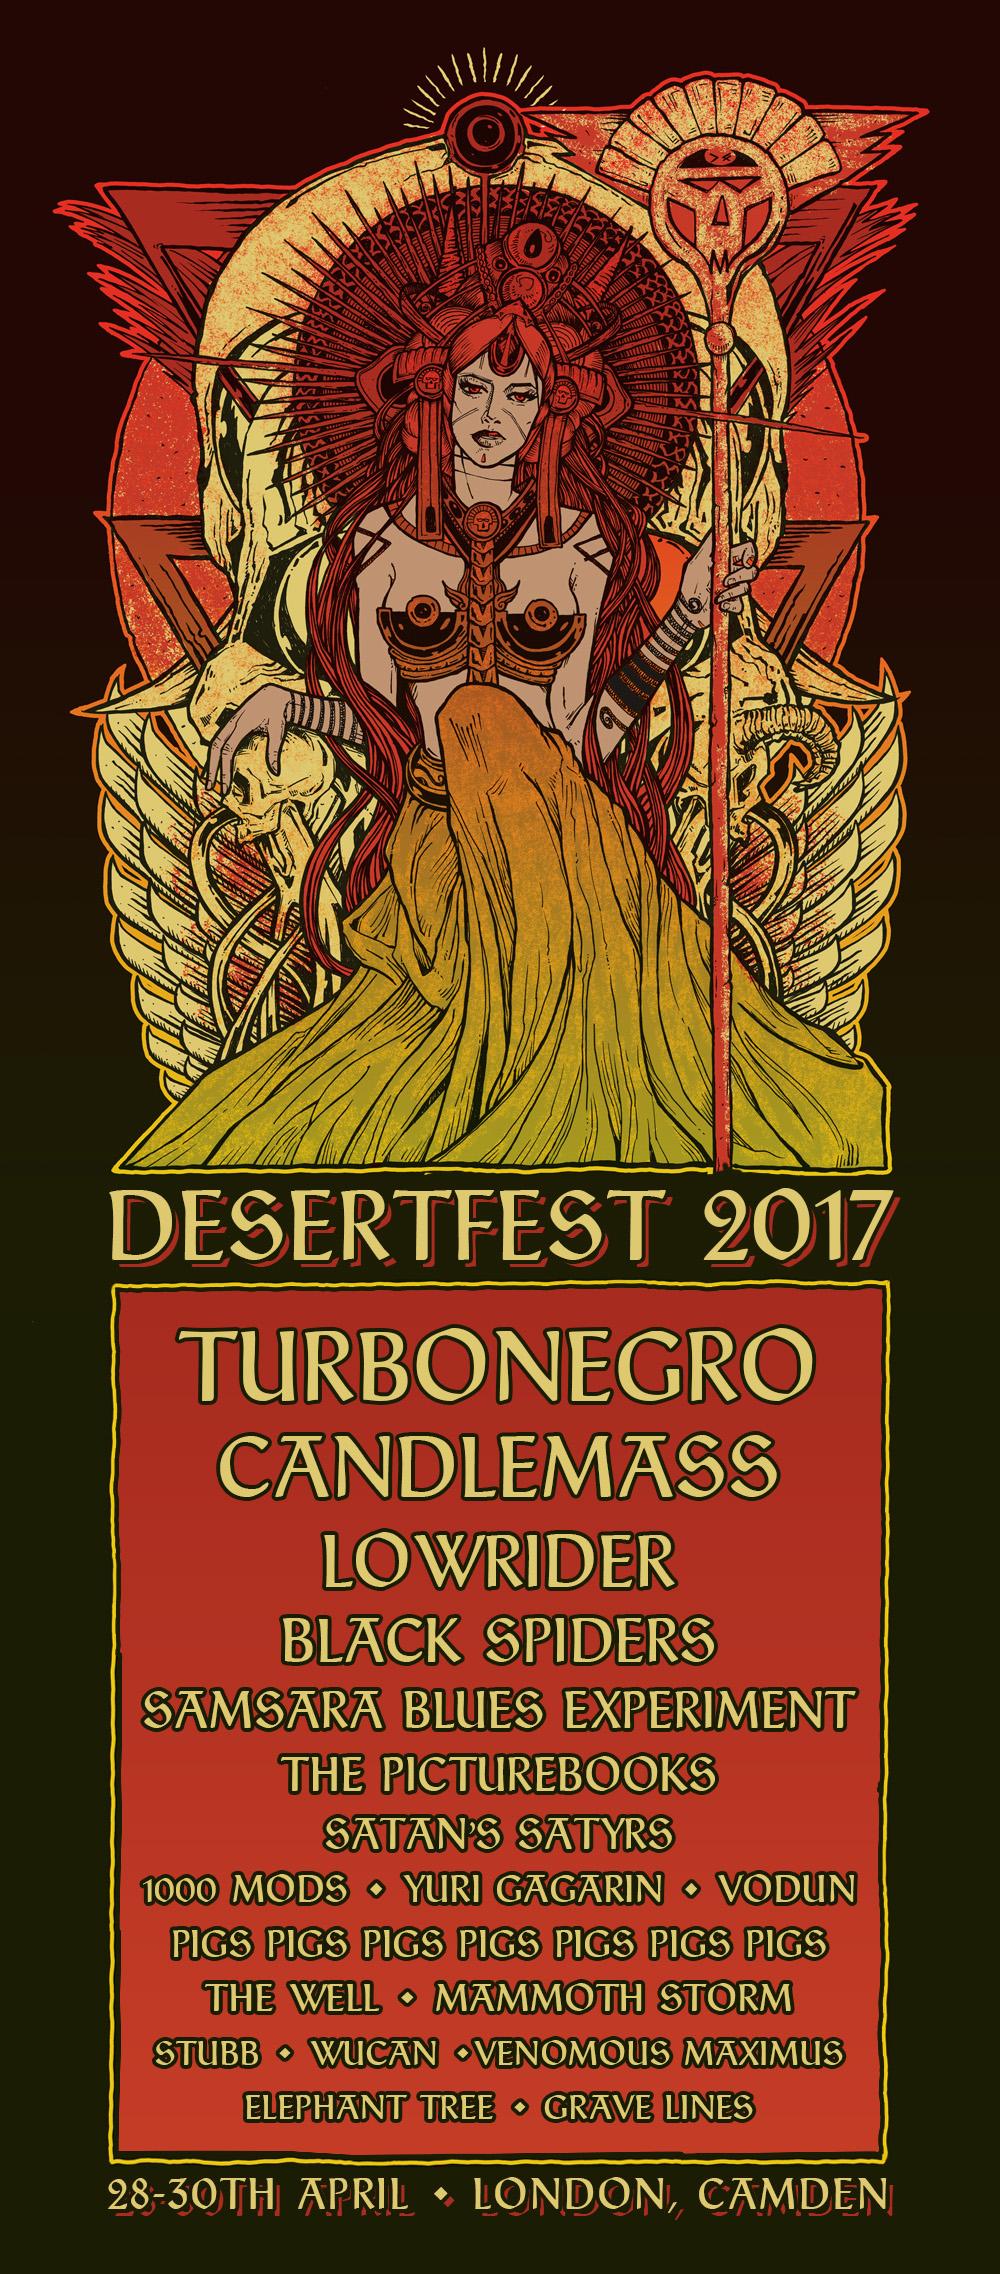 Desertfest2017_AnnouncementPoster_Nov22_v3.jpg